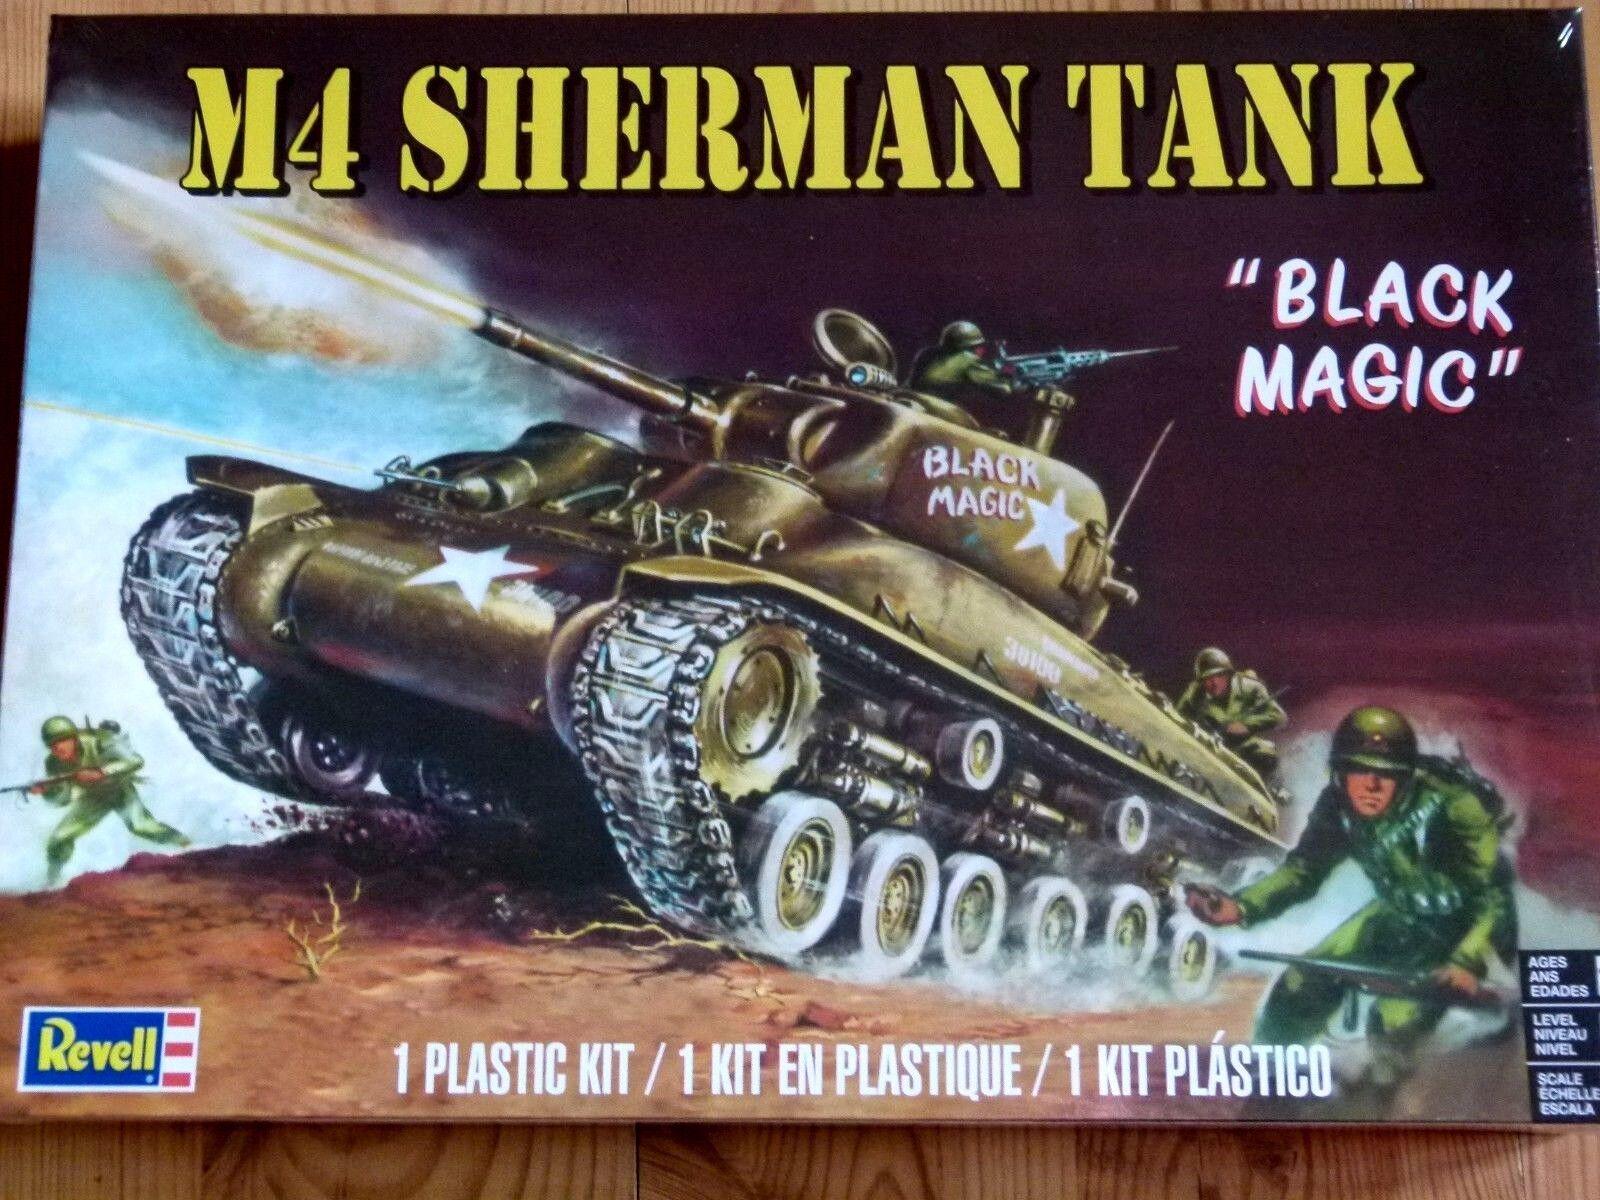 Revell Monogram 1 :3 5 M4 Sherman